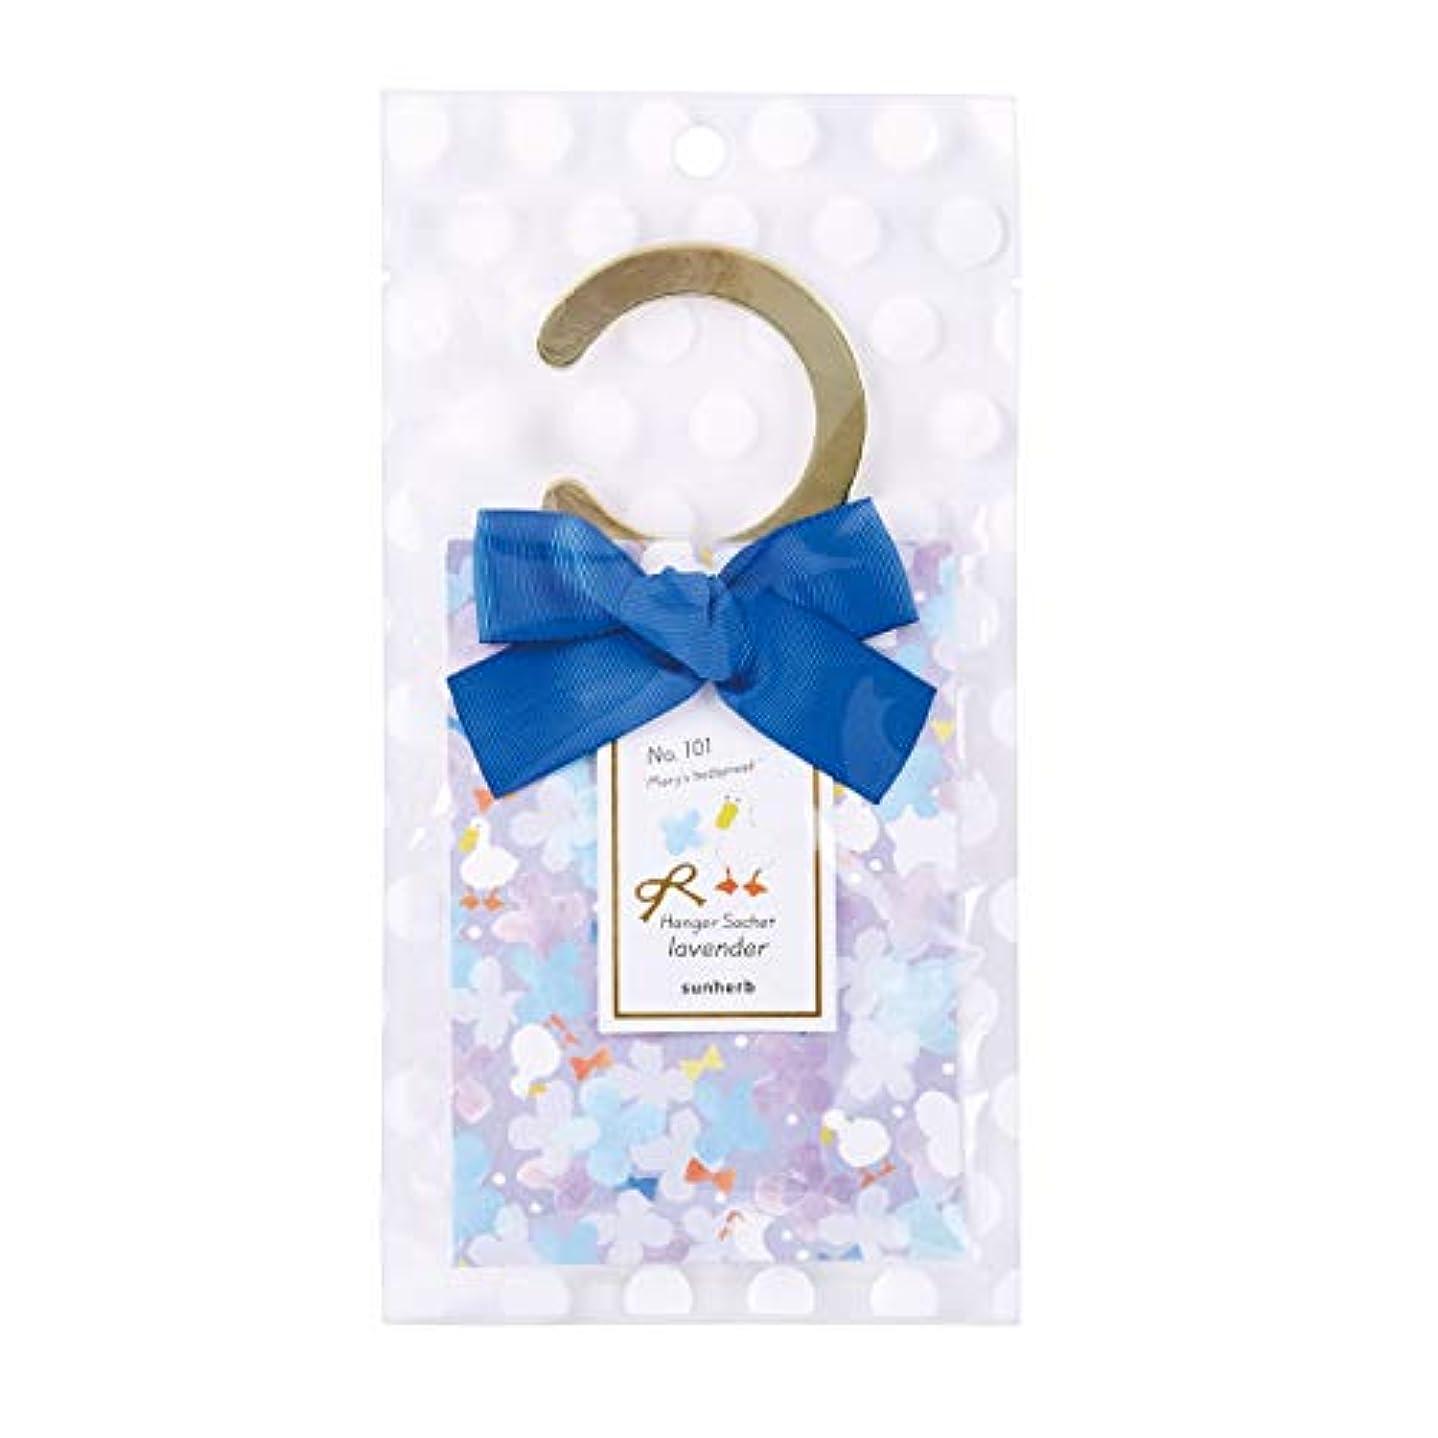 ブラウザさらに本能サンハーブ ハンガーサシェ ラベンダーの香り (吊り下げ芳香剤 アヒルが描かれたラベンダー色のデザイン)